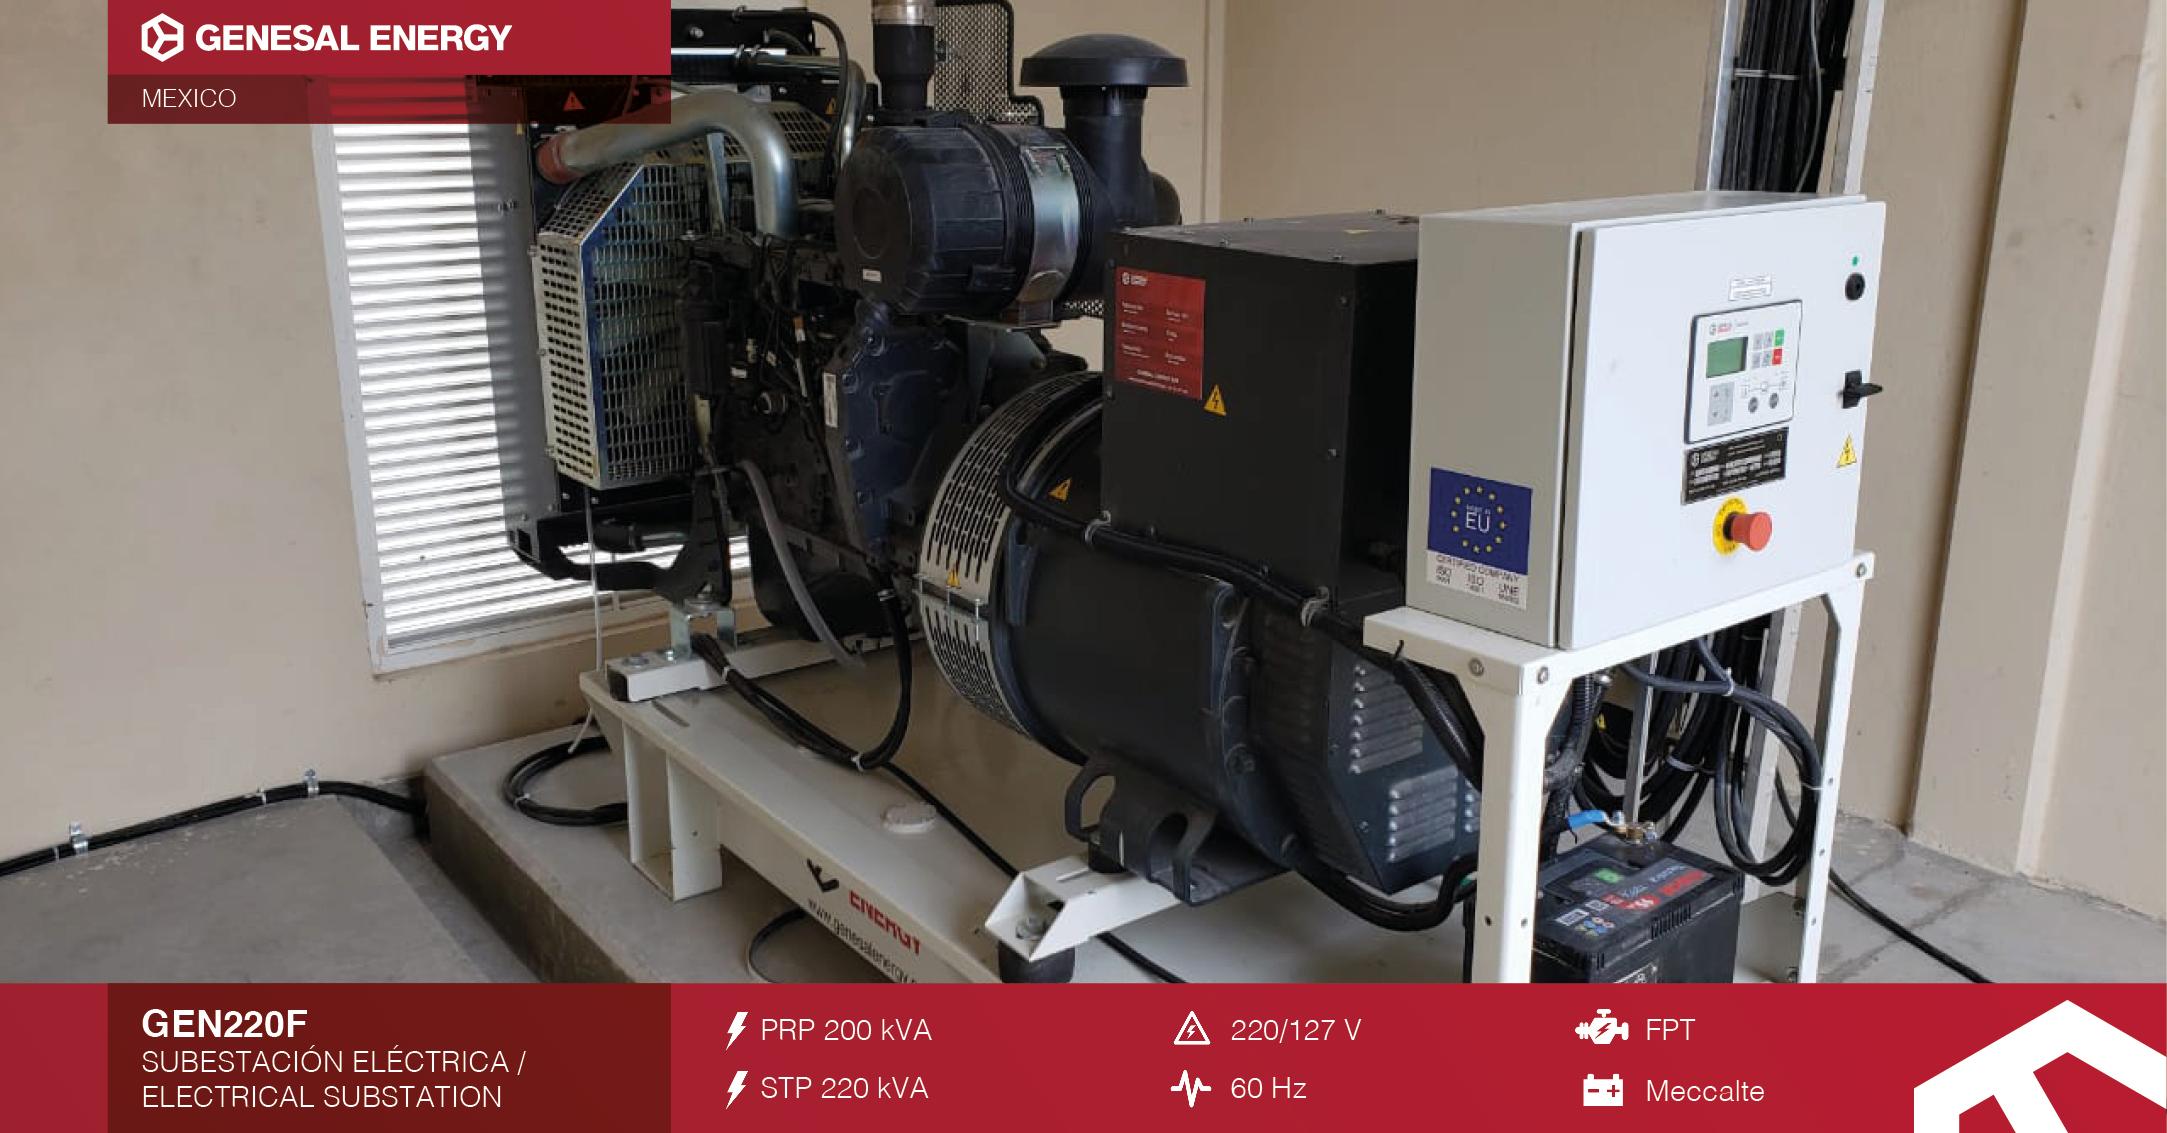 Planta eléctrica Genesal Energy México - Fábrica Toyota en Guanajuato